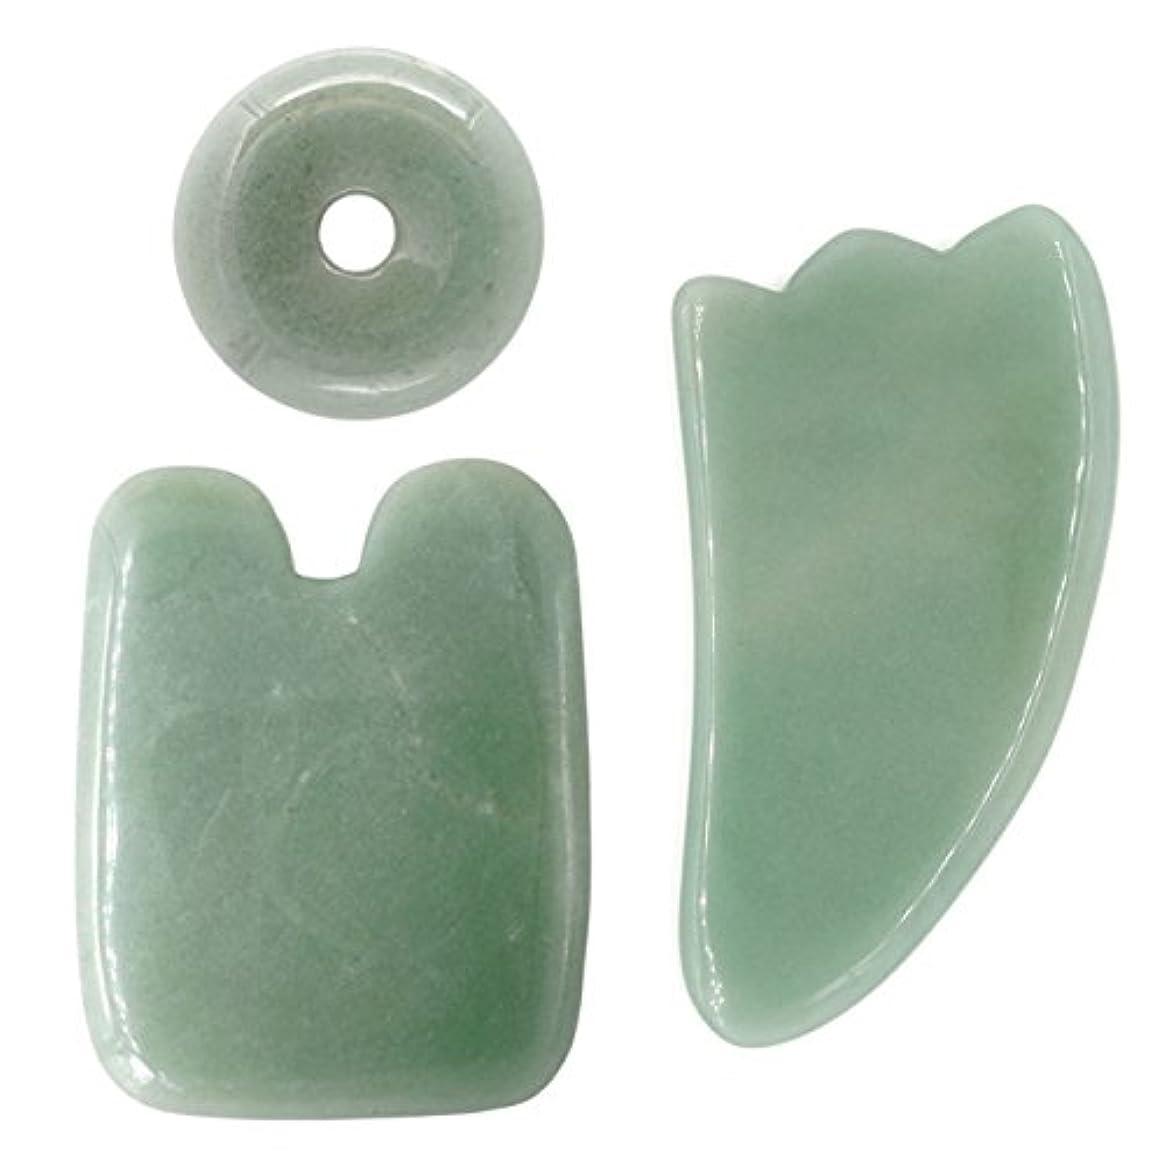 非常に航海の資格情報3点セット3pcsFace / Body Massage Natural Jade Boardかっさプレート 天然石 翡翠(顔?ボディのリンパマッサージ)